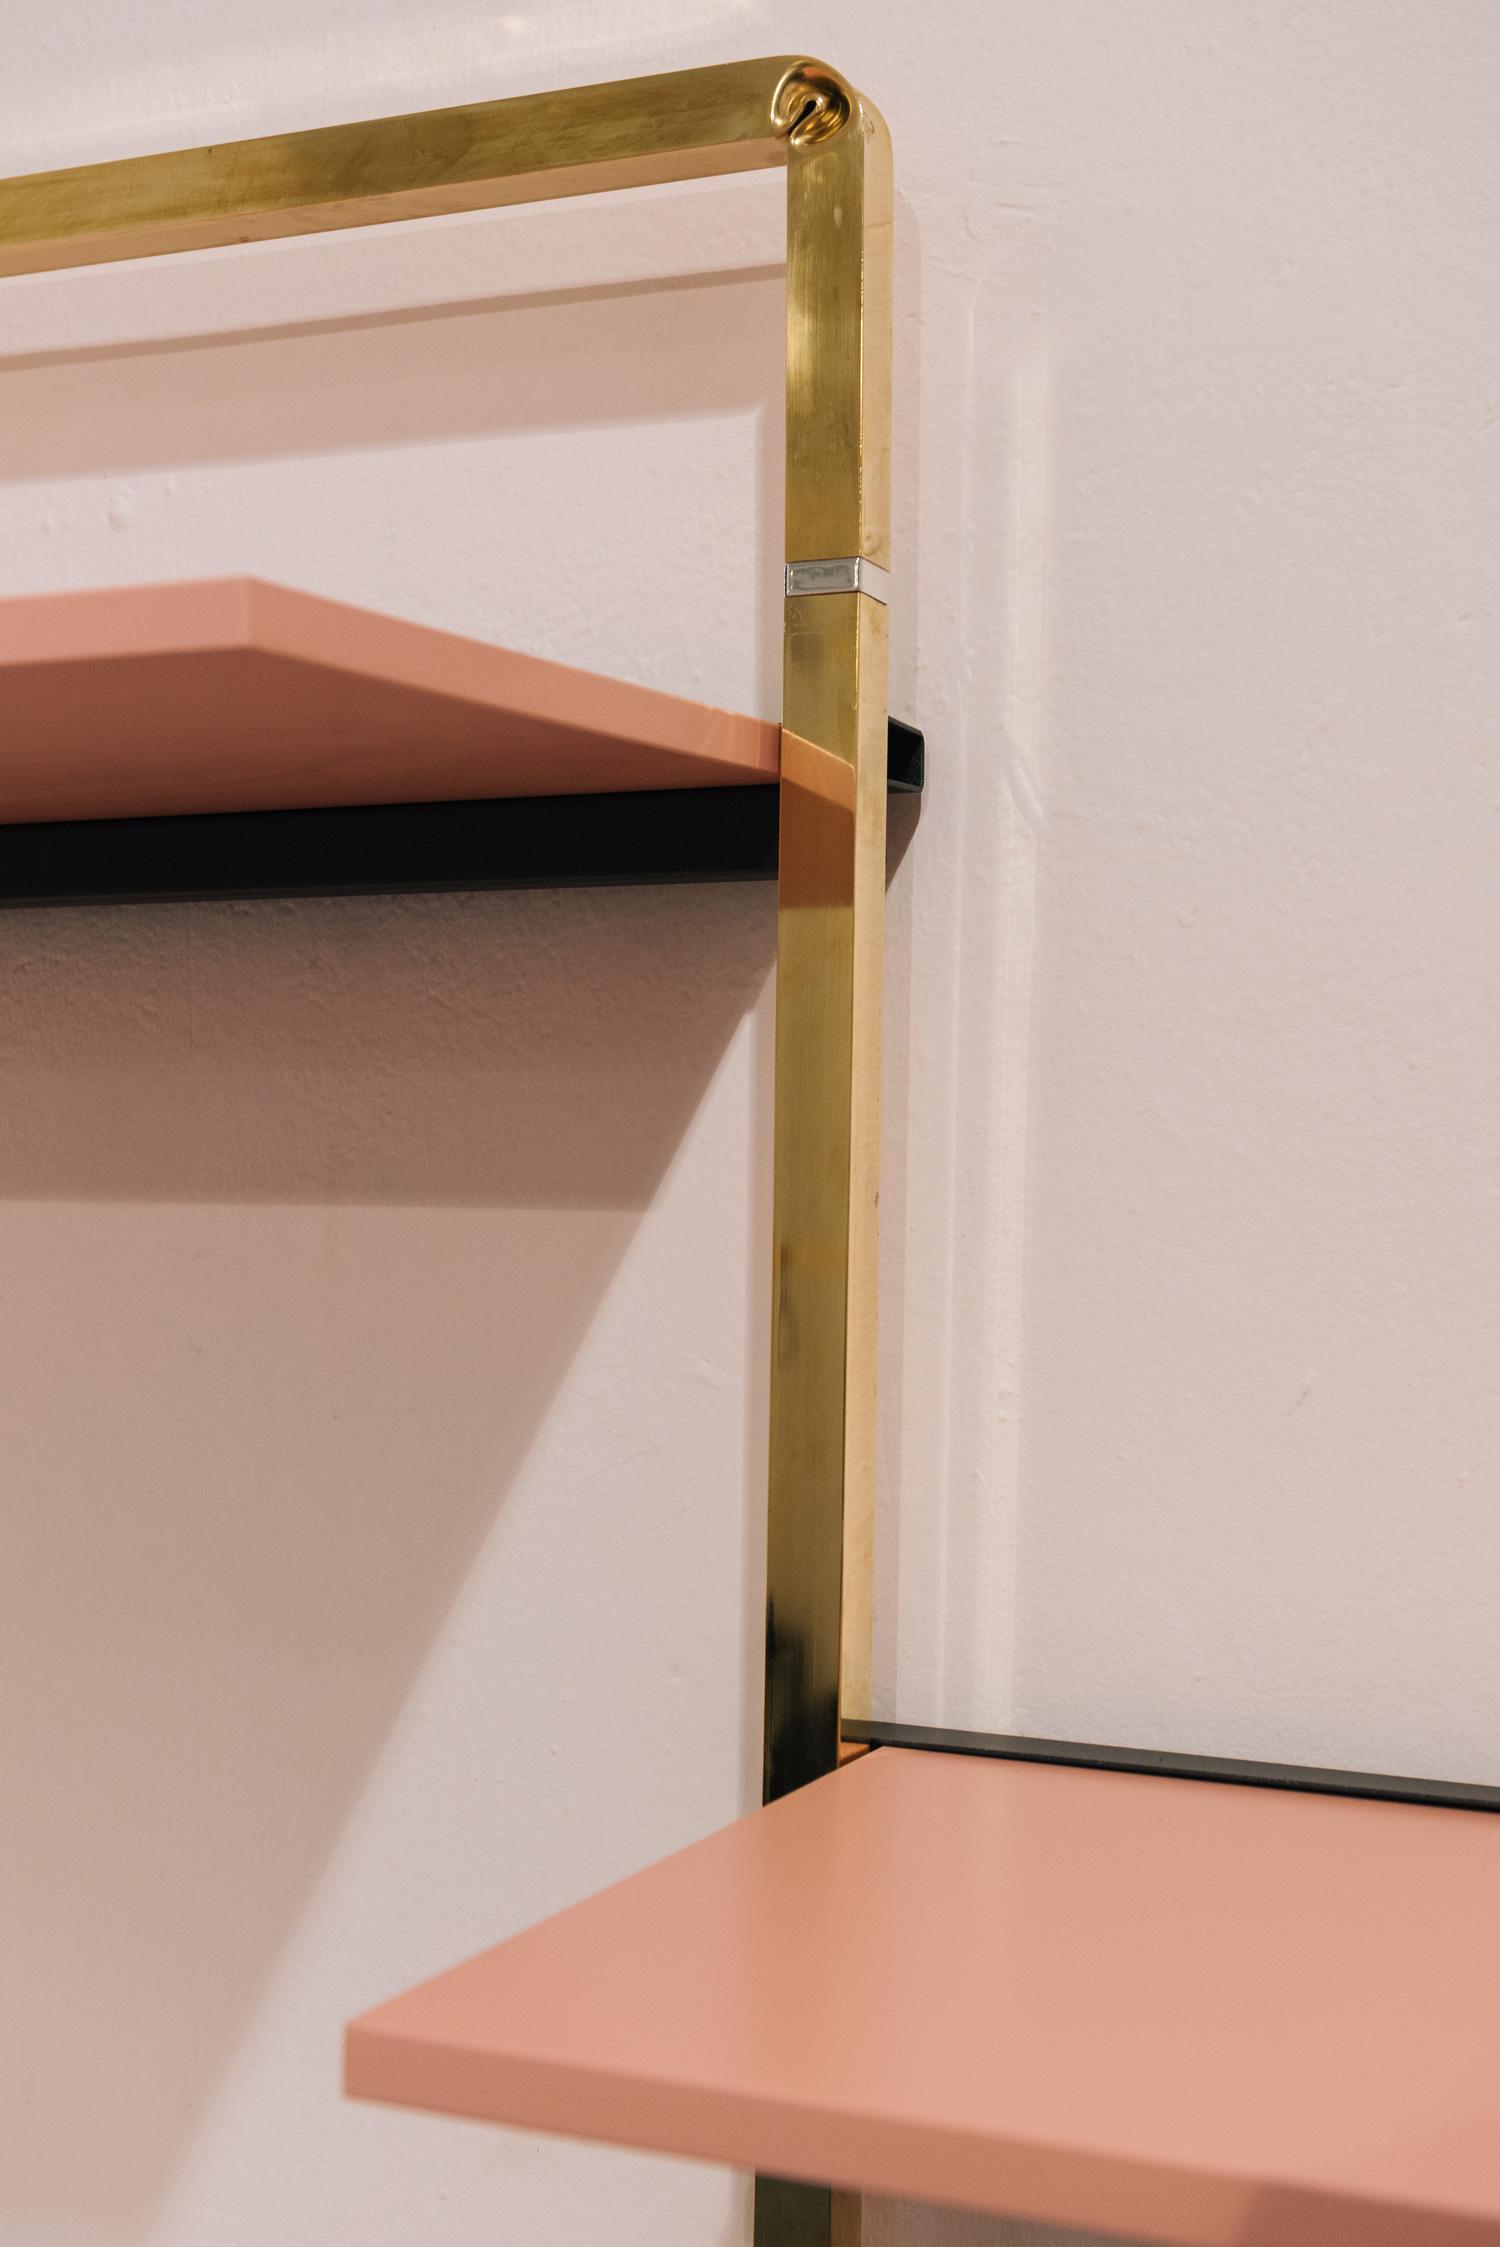 allestimento completo per negozi e showroom in stile minimal